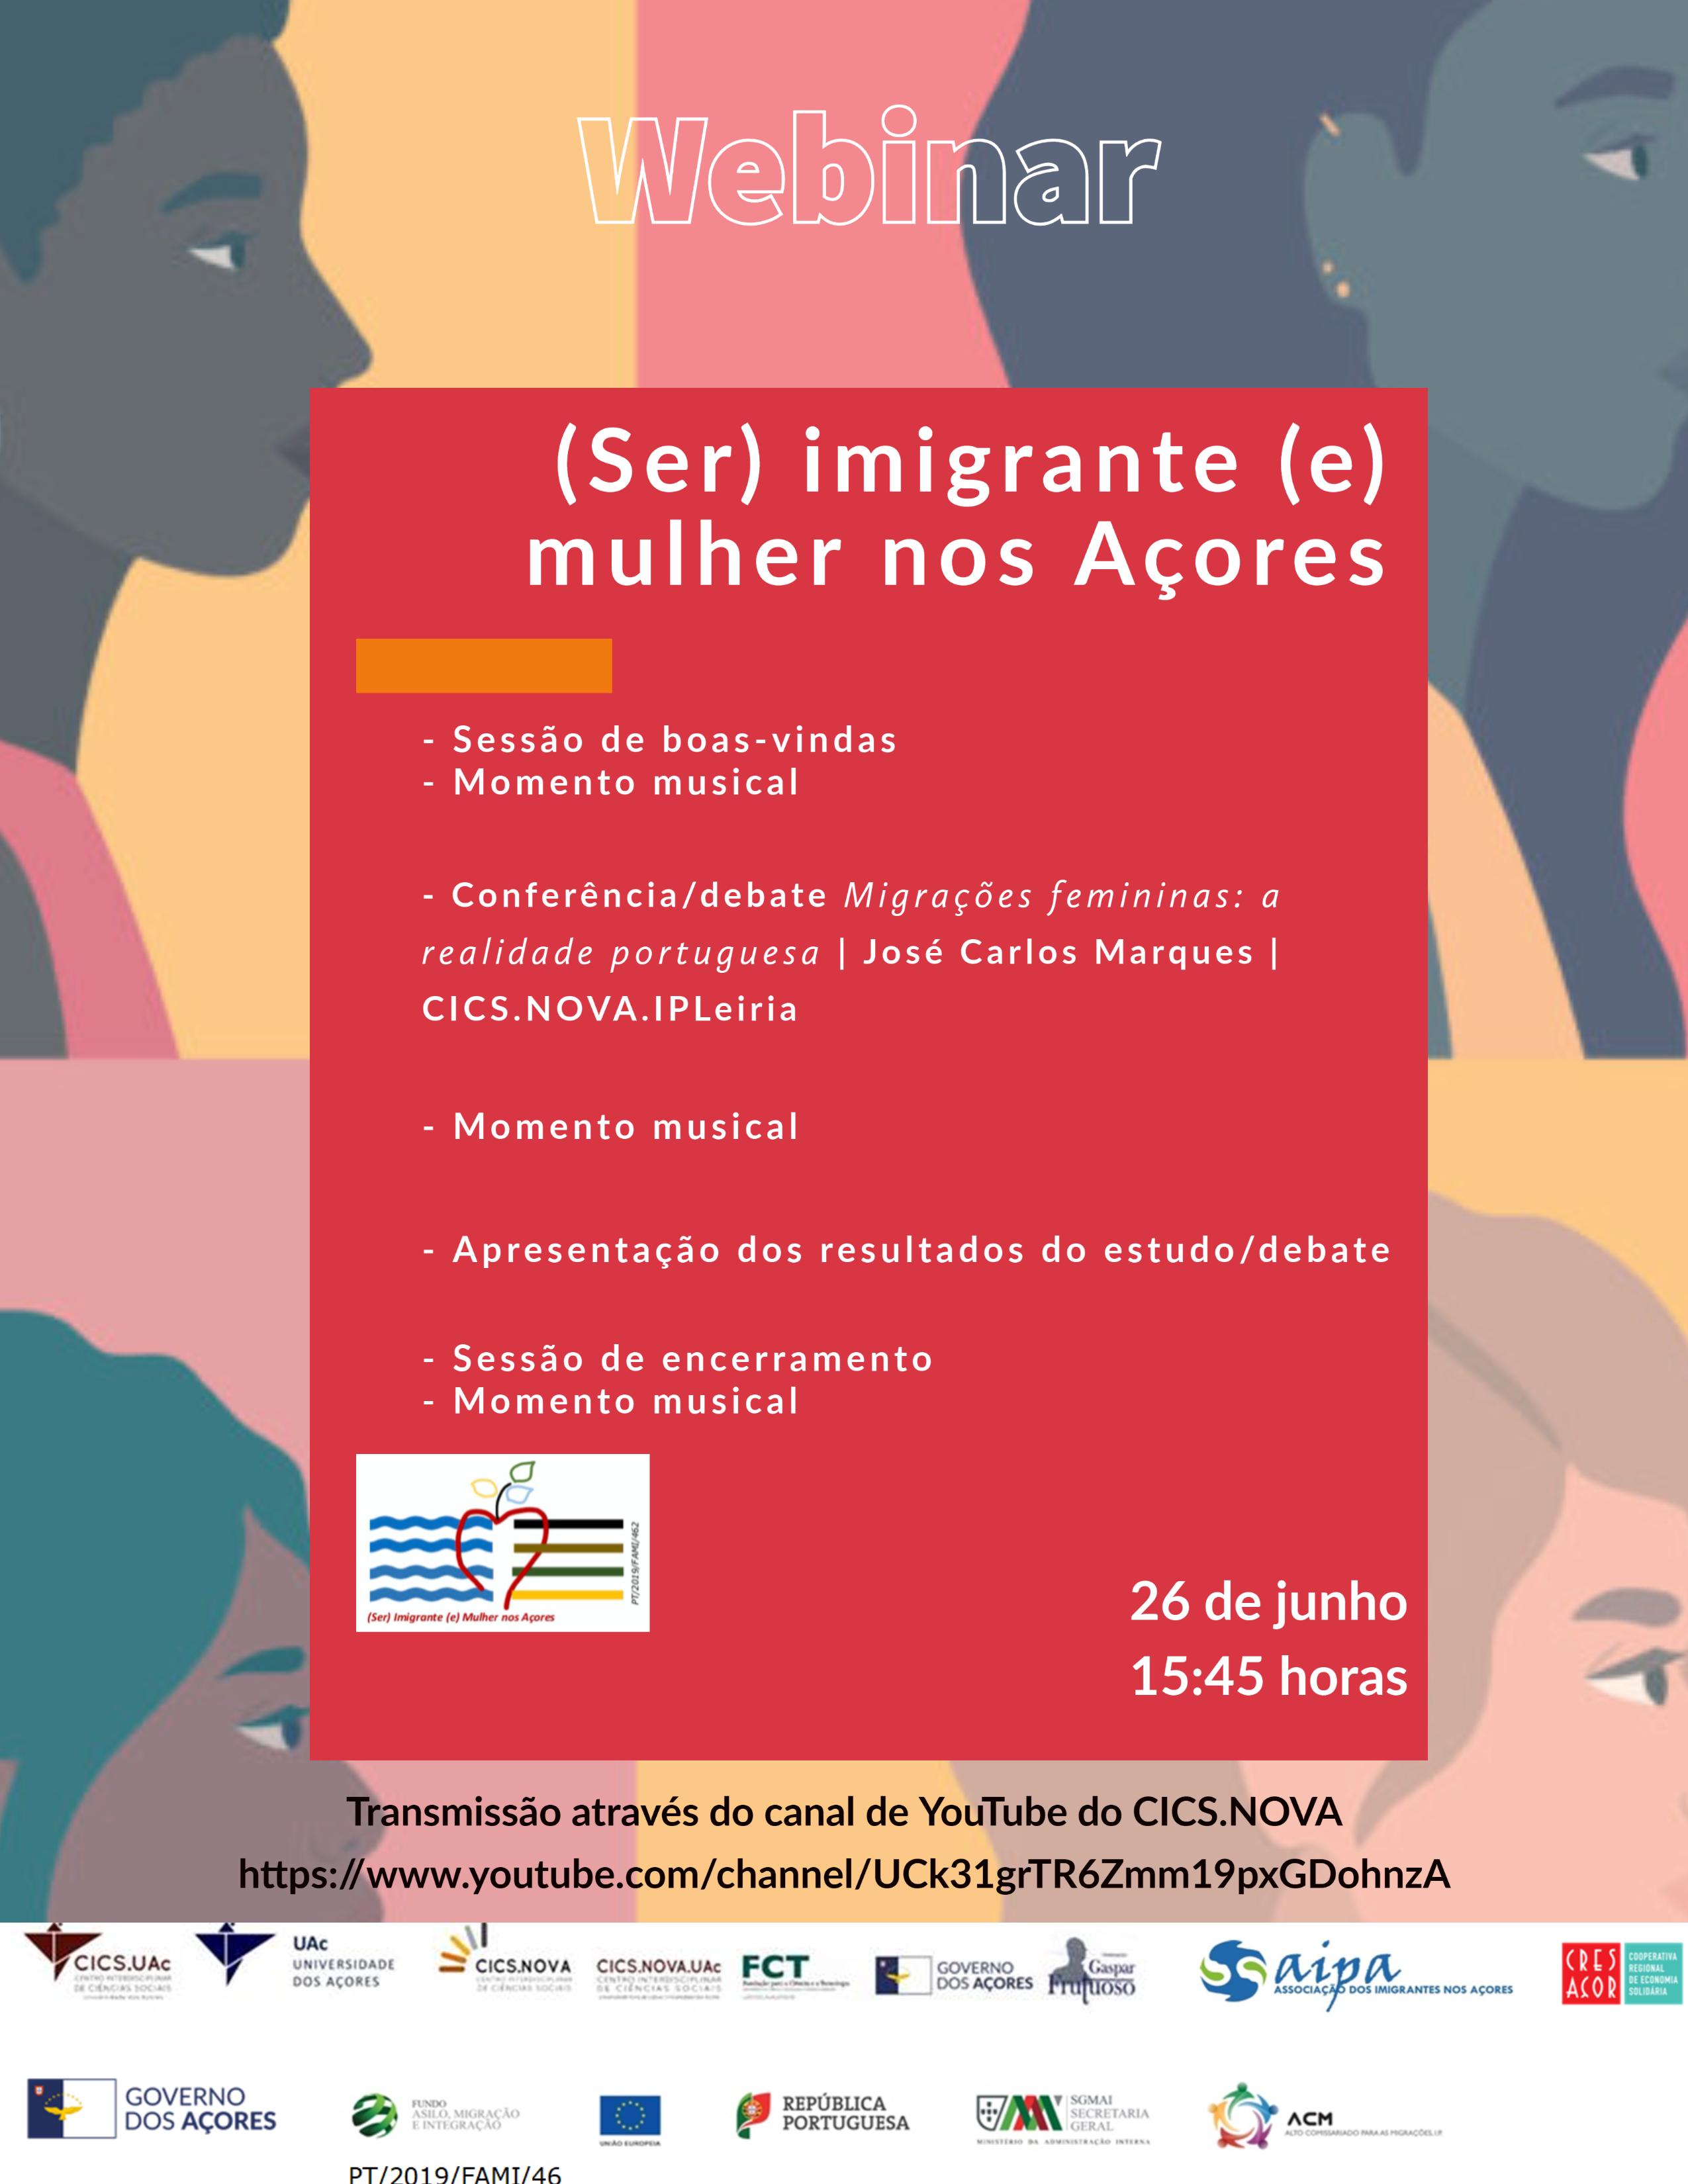 Webinar (Ser) imigrante (e) mulher nos Açores